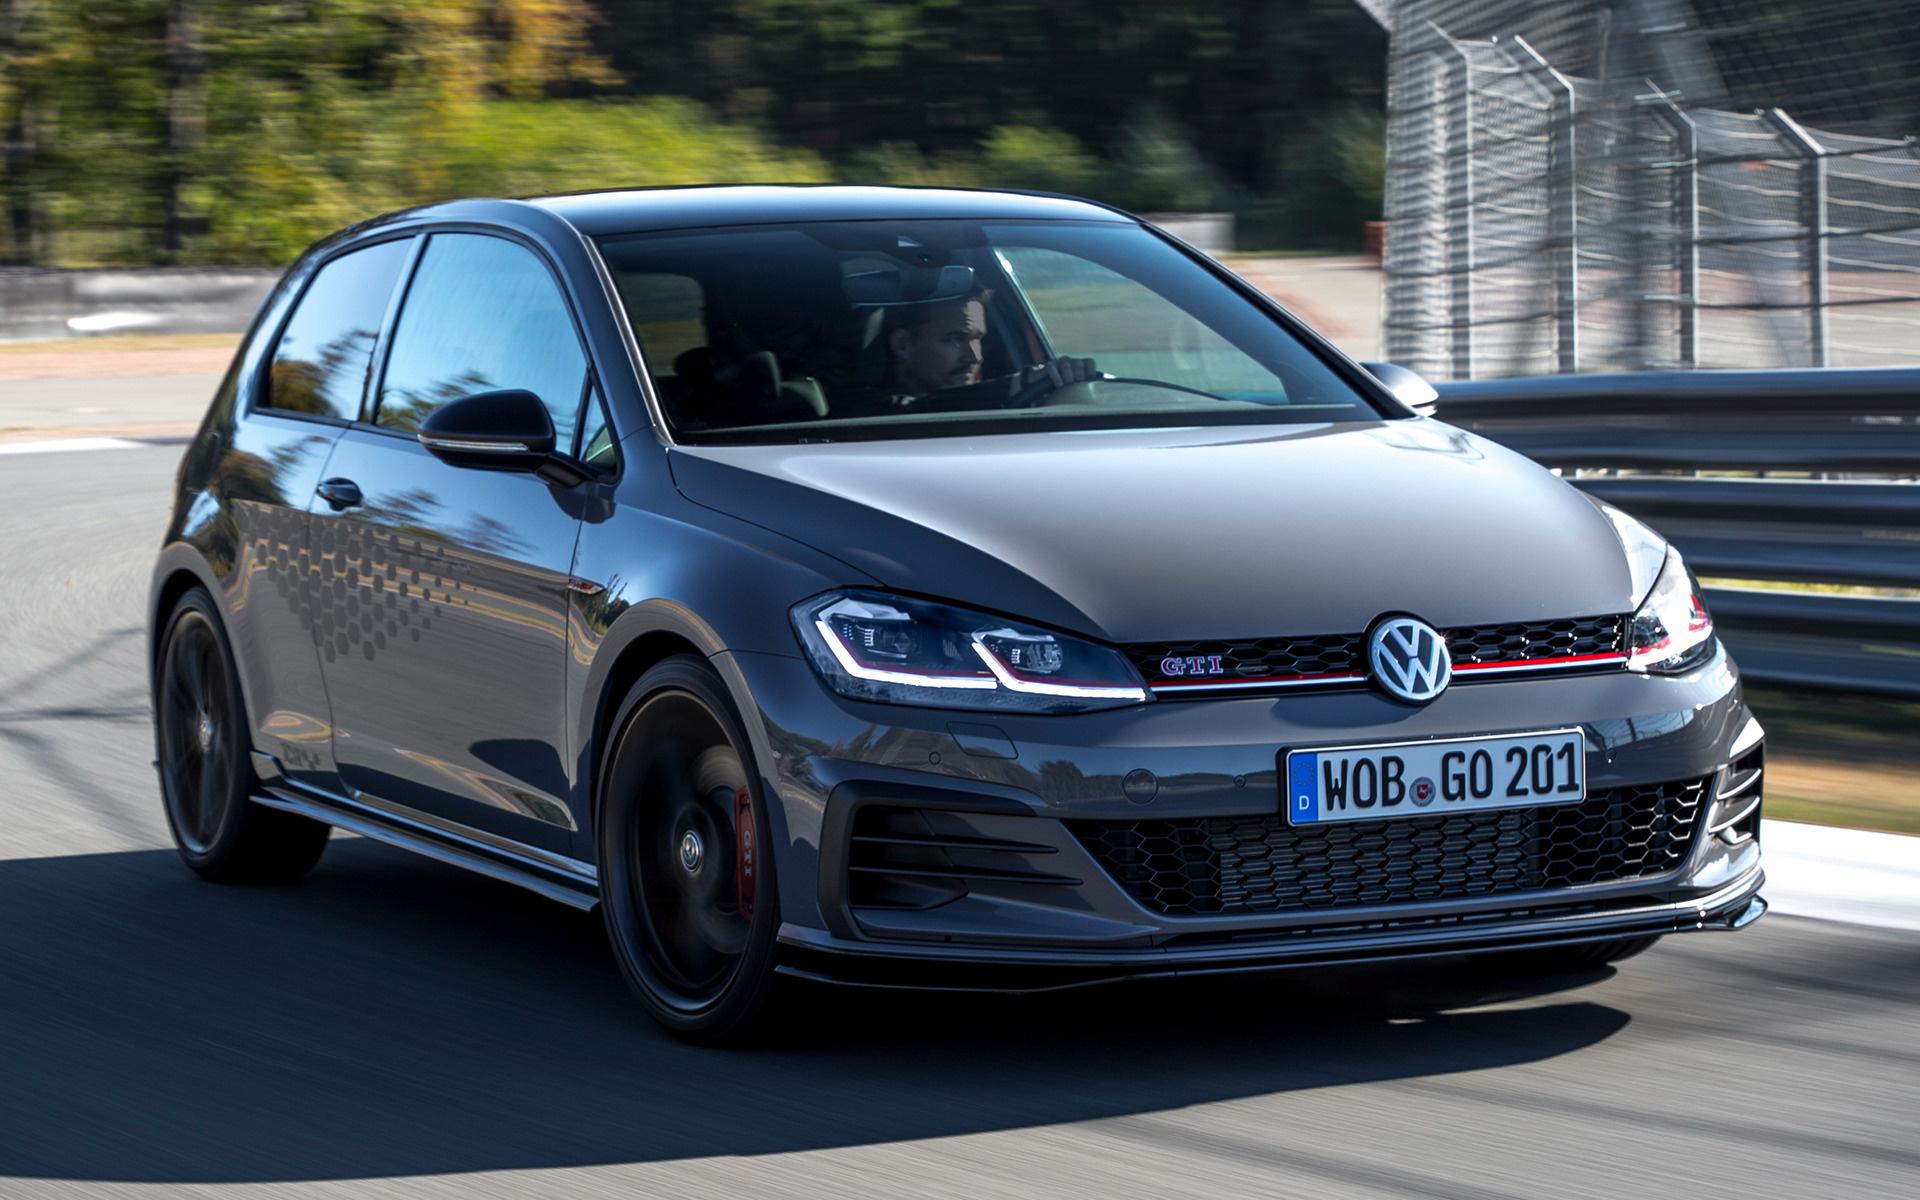 Golf Wallpaper Hd 2019 Volkswagen Golf Gti Tcr 3 Door Wallpapers And Hd